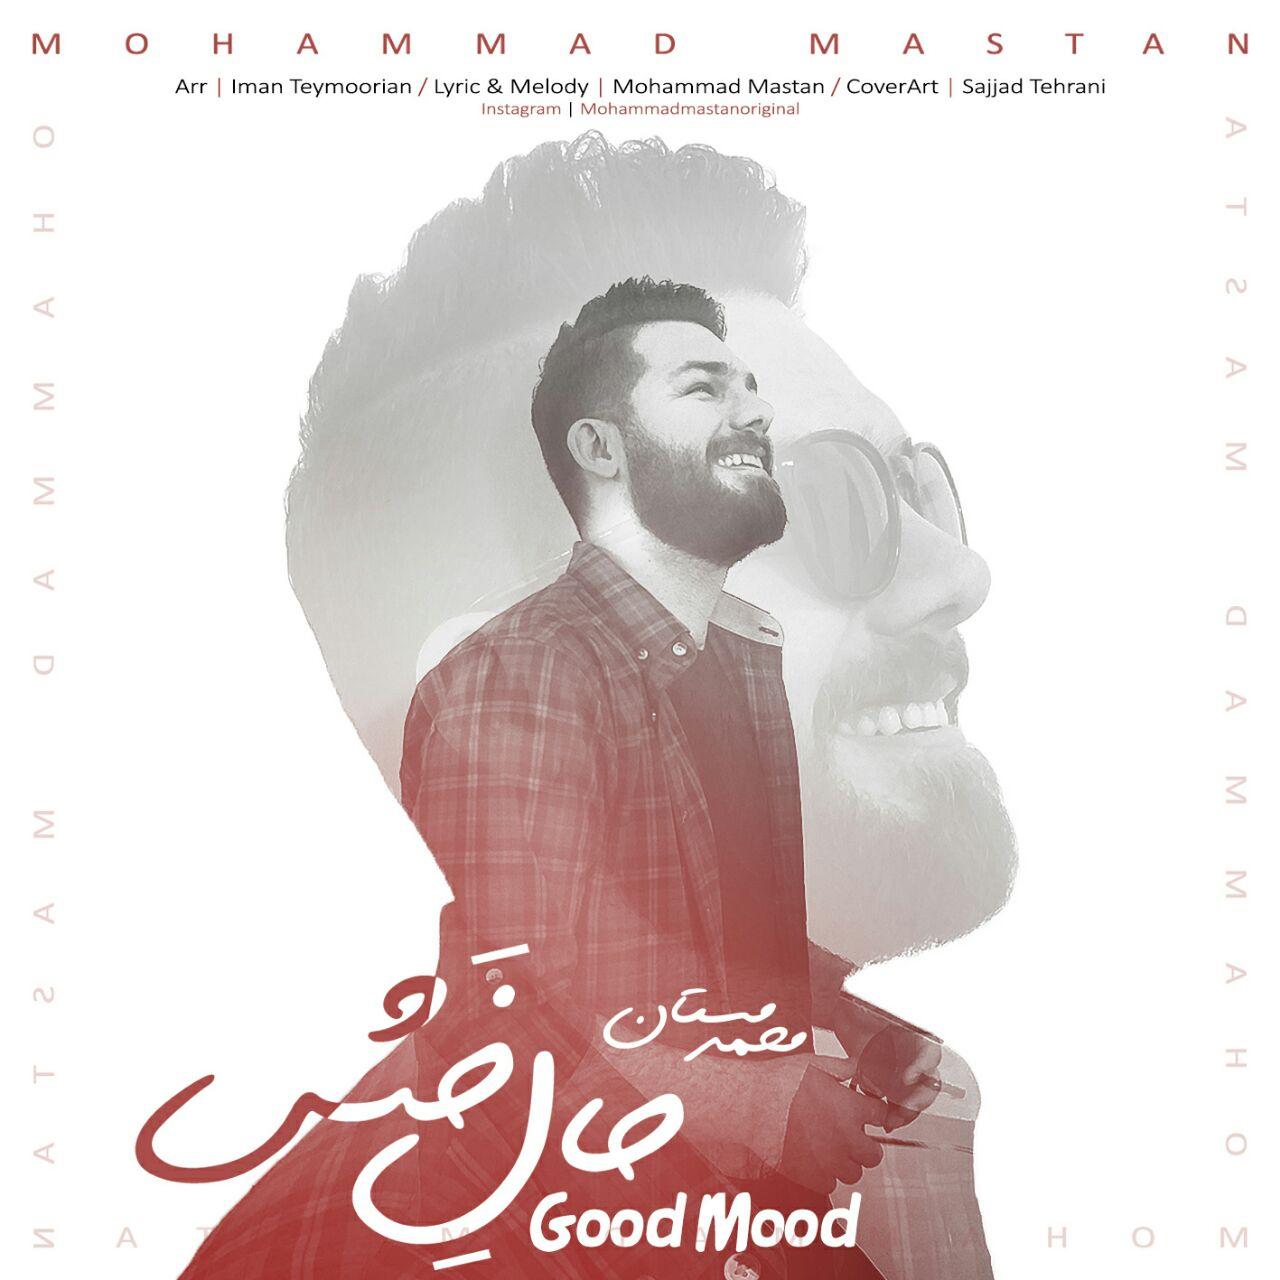 دانلود آهنگ لری حال خش از محمد مستان